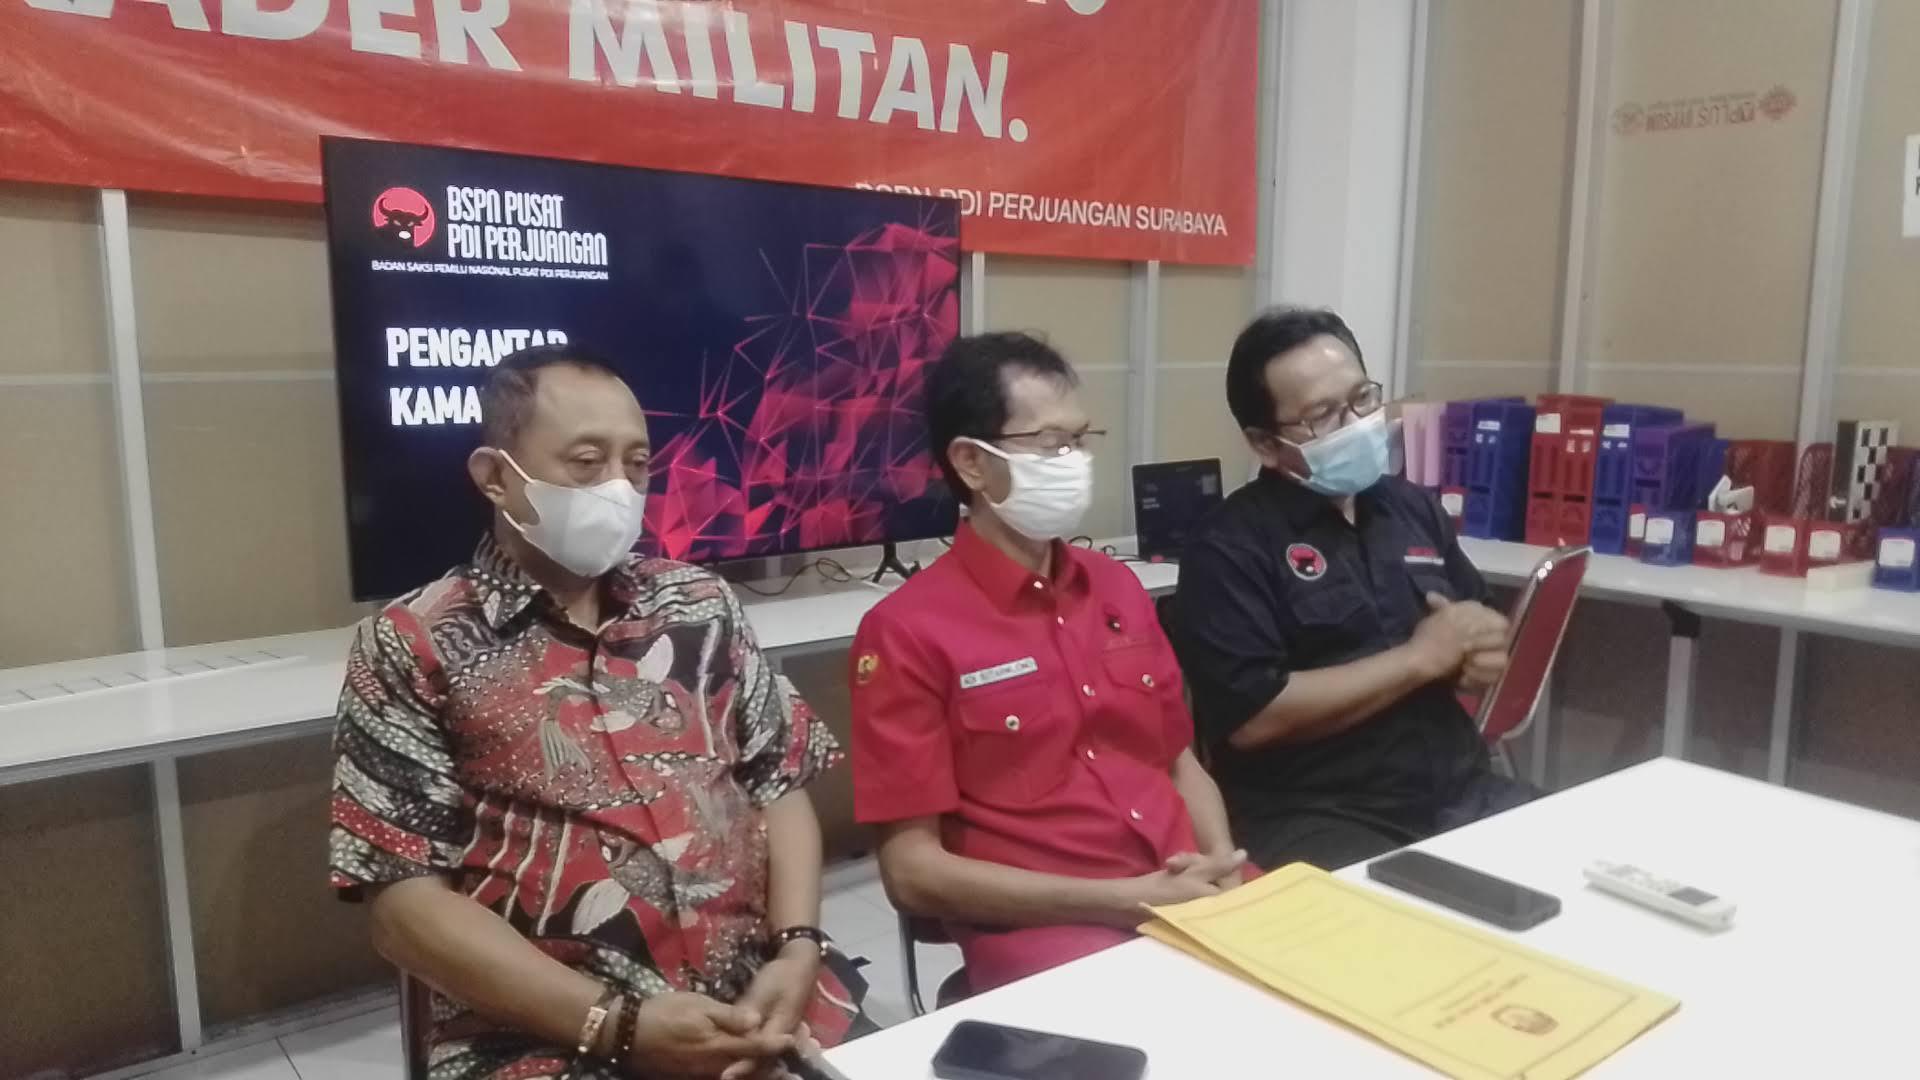 Armudji didampingi tim PDIP saat berada di Jalan Setail Nomor 8 Surabaya. (Foto:Rangga Aji/ln)